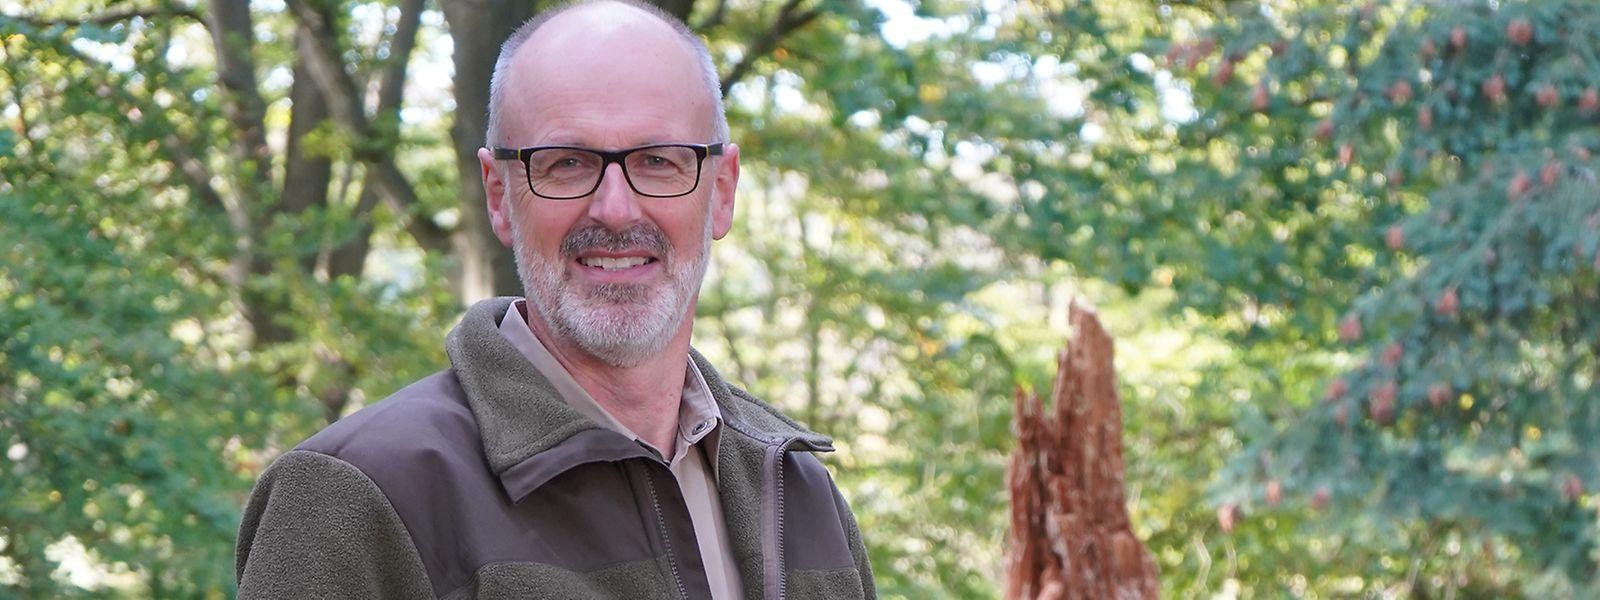 Nach einer Krankheitspause gab Peter Wohlleben 2016 sein Forstrevier auf. Seitdem konzentriert er sich auf die von ihm gegründete Waldakademie und das Schreiben.